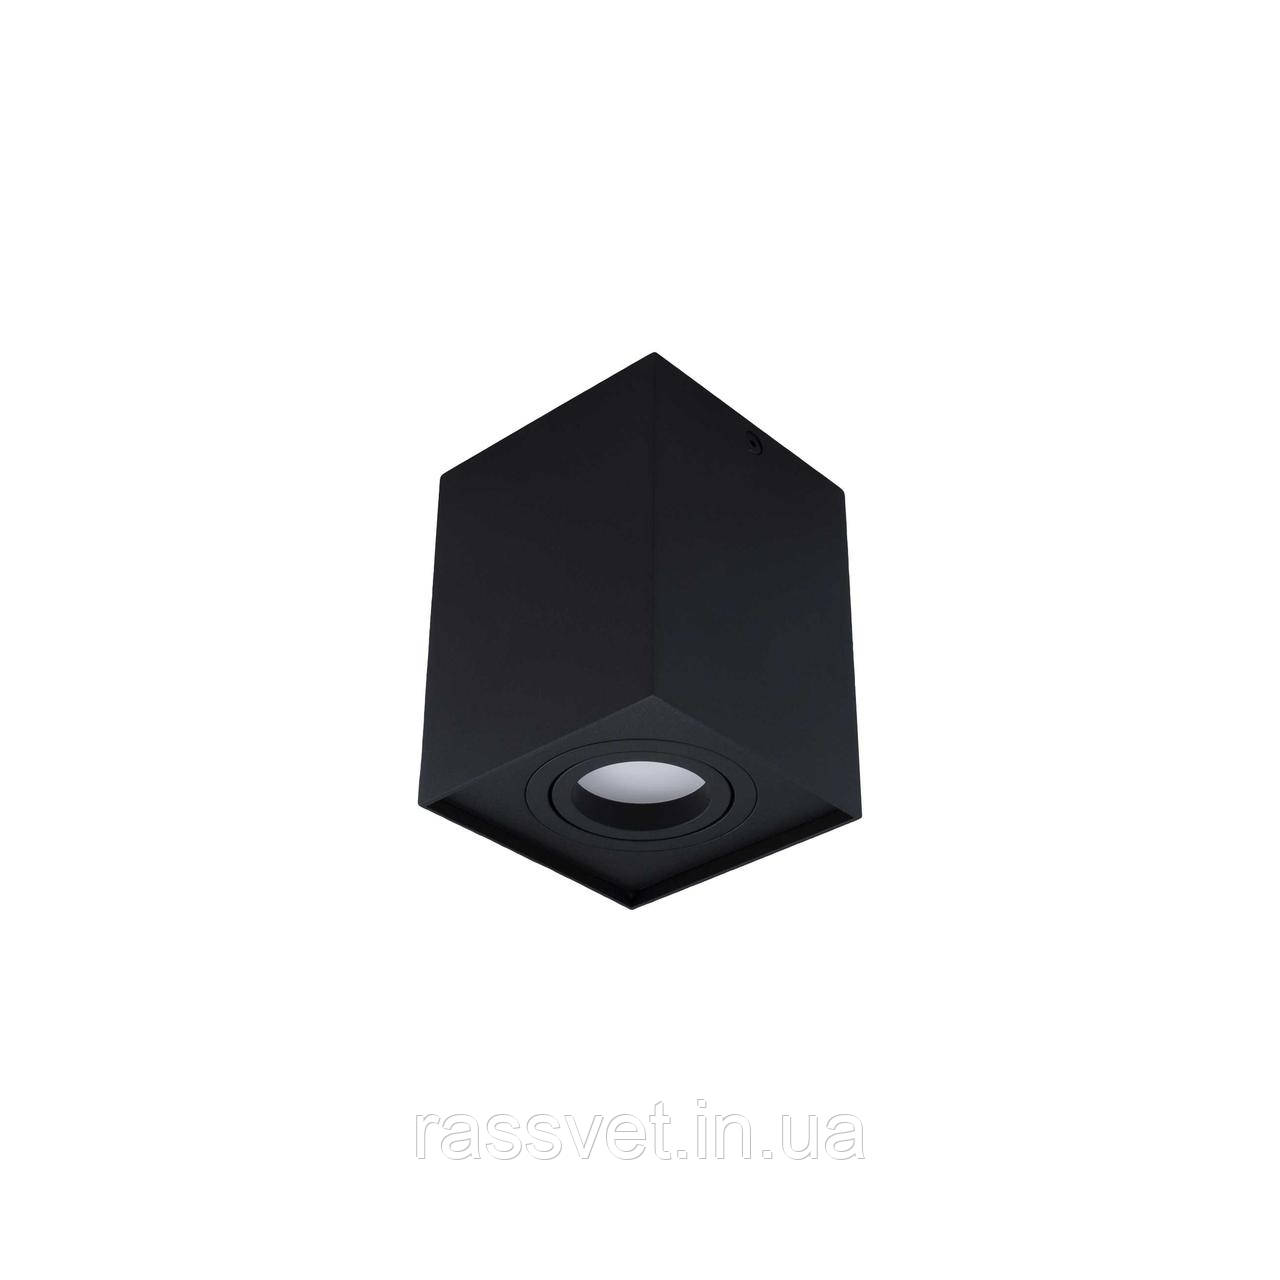 Точечный светильник Skarlat TH5802 BK